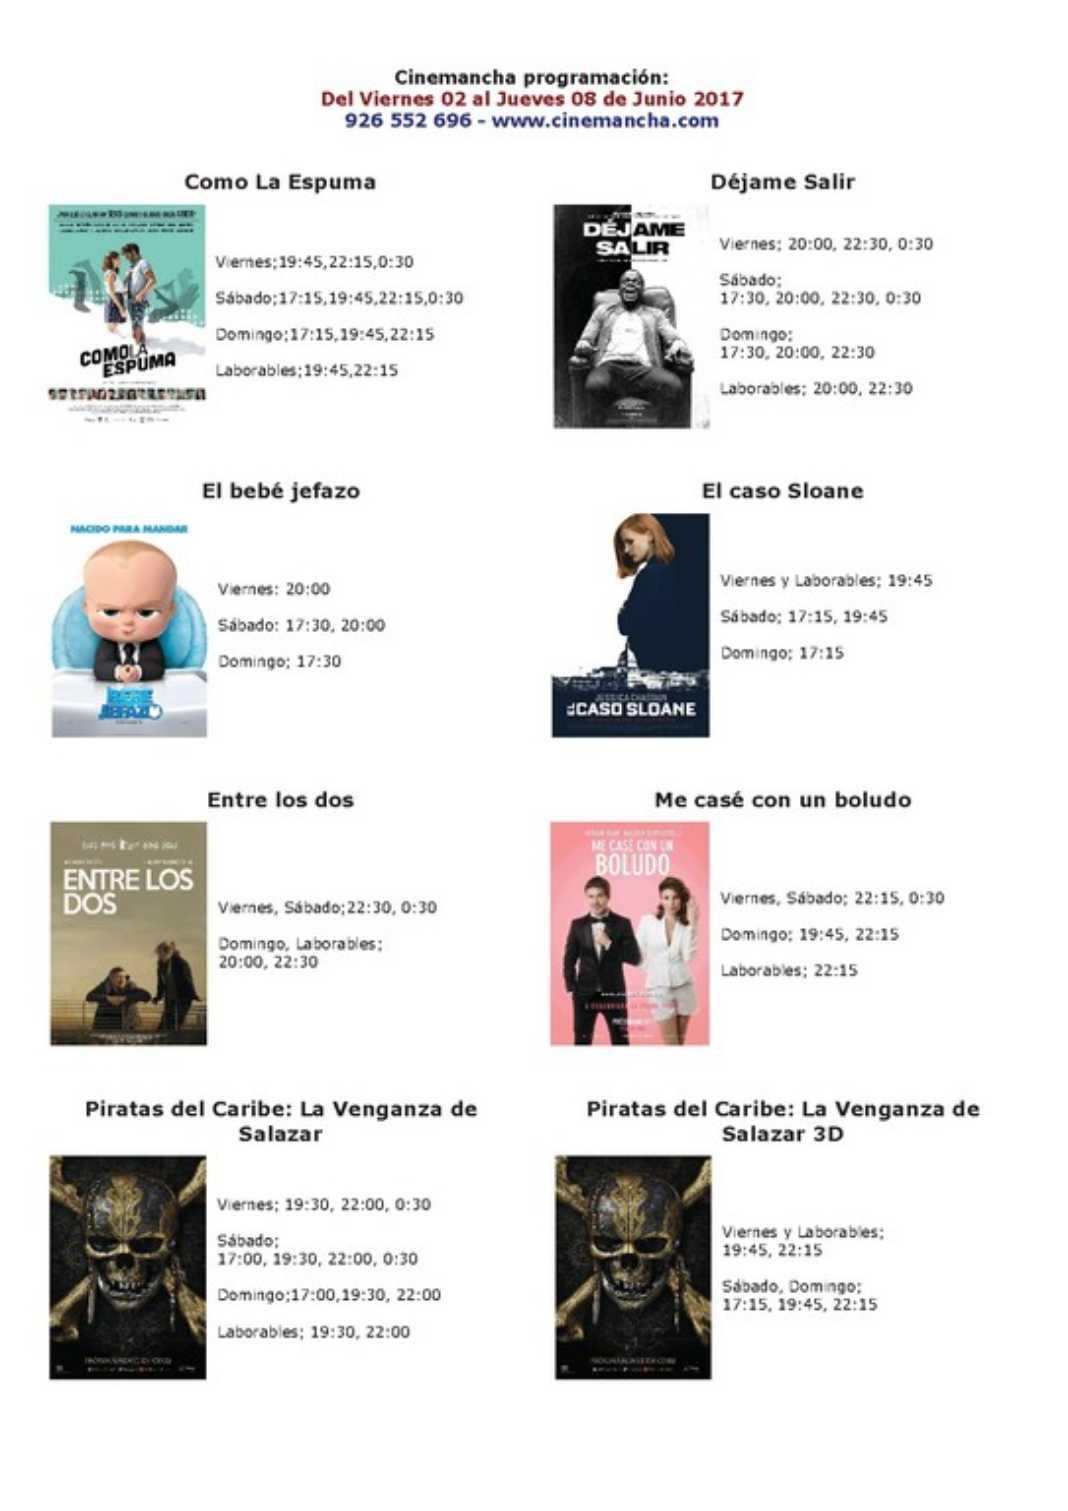 Cartelera Cinemancha del viernes 2 al jueves 8 de junio. 2